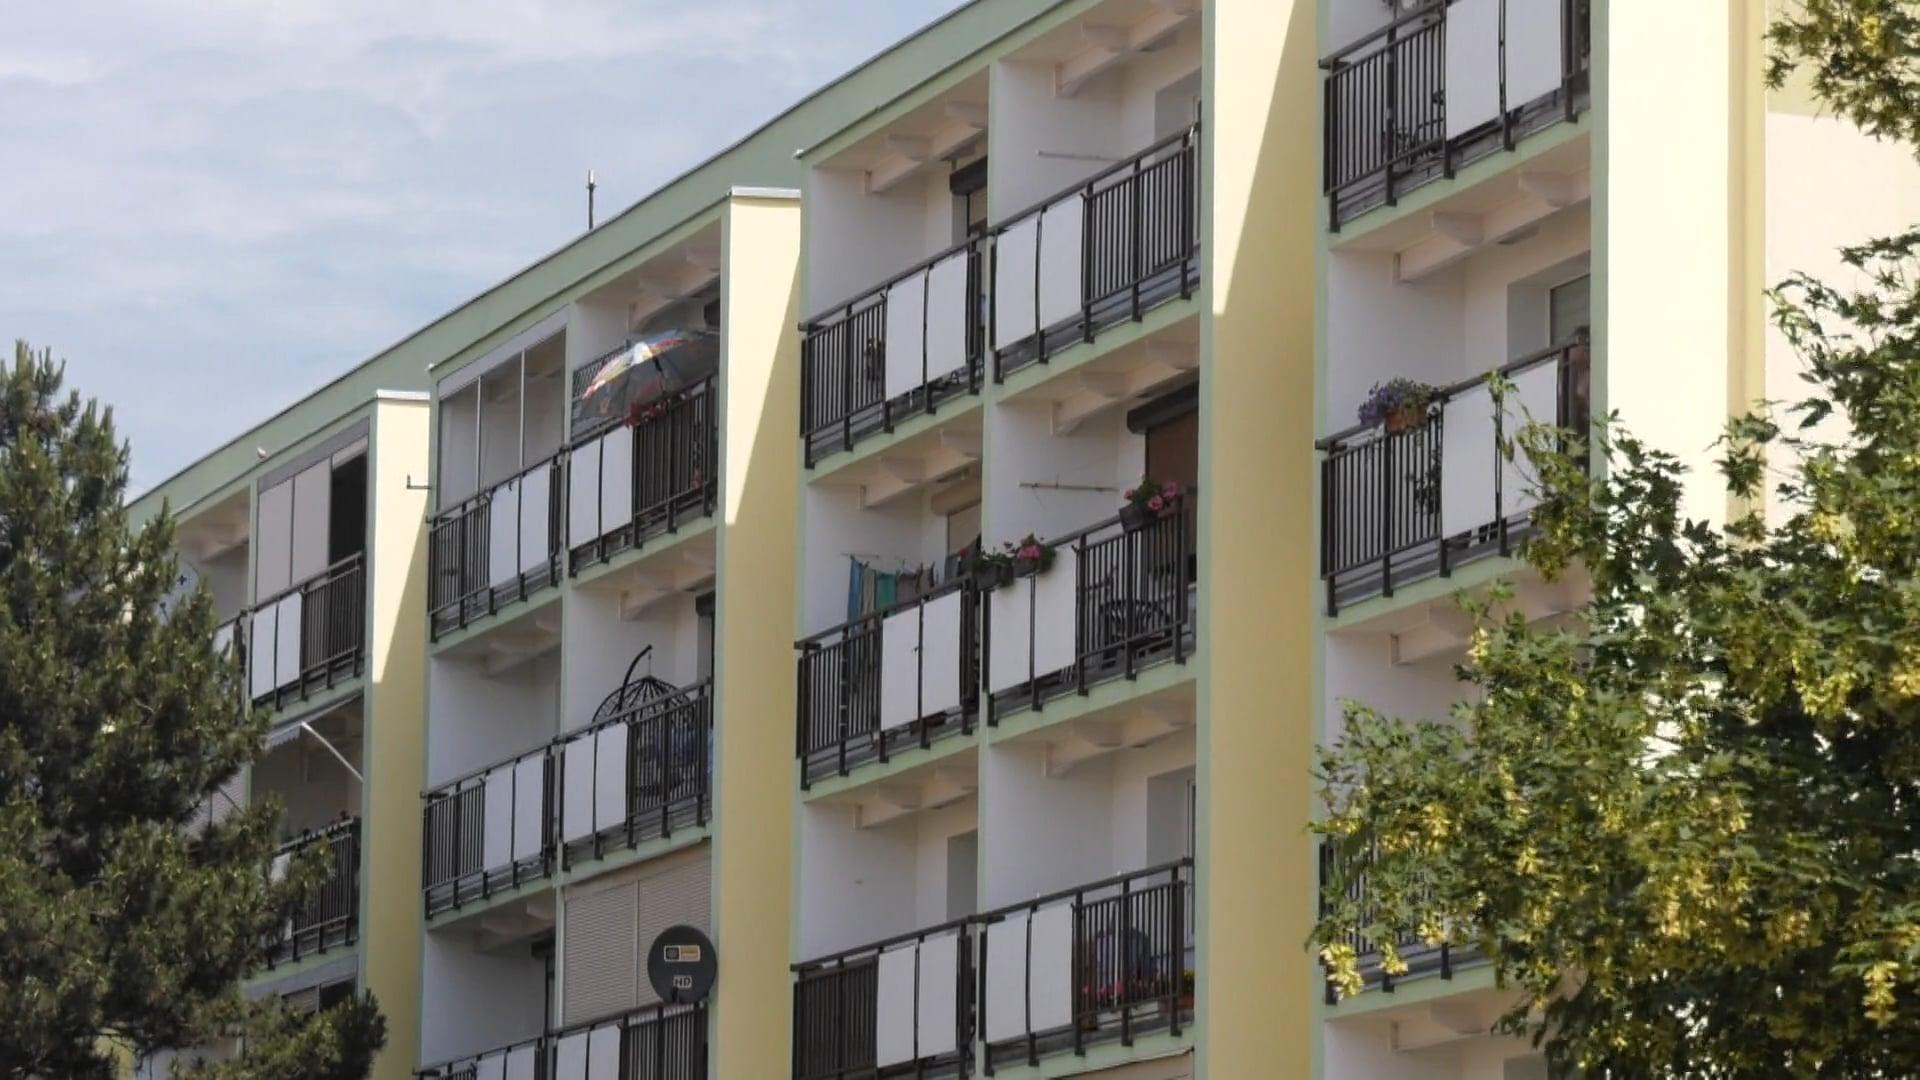 Balkony po remoncie. Pozostał ostatni etap